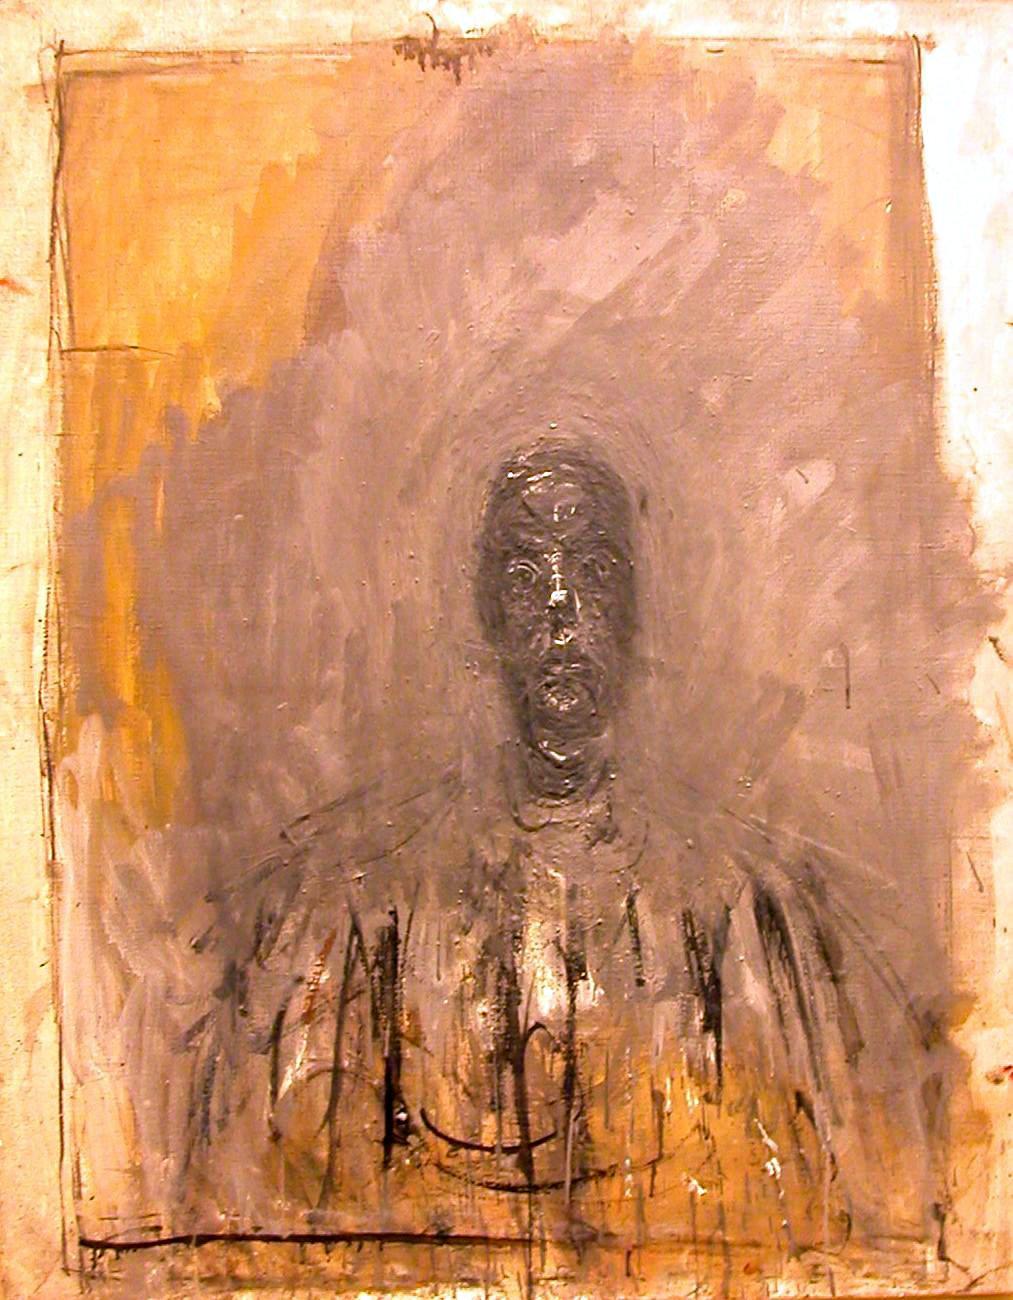 贾克梅第Alberto Giacometti (1901-1966)作品集2 - 刘懿工作室 - 刘懿工作室 YI LIU STUDIO